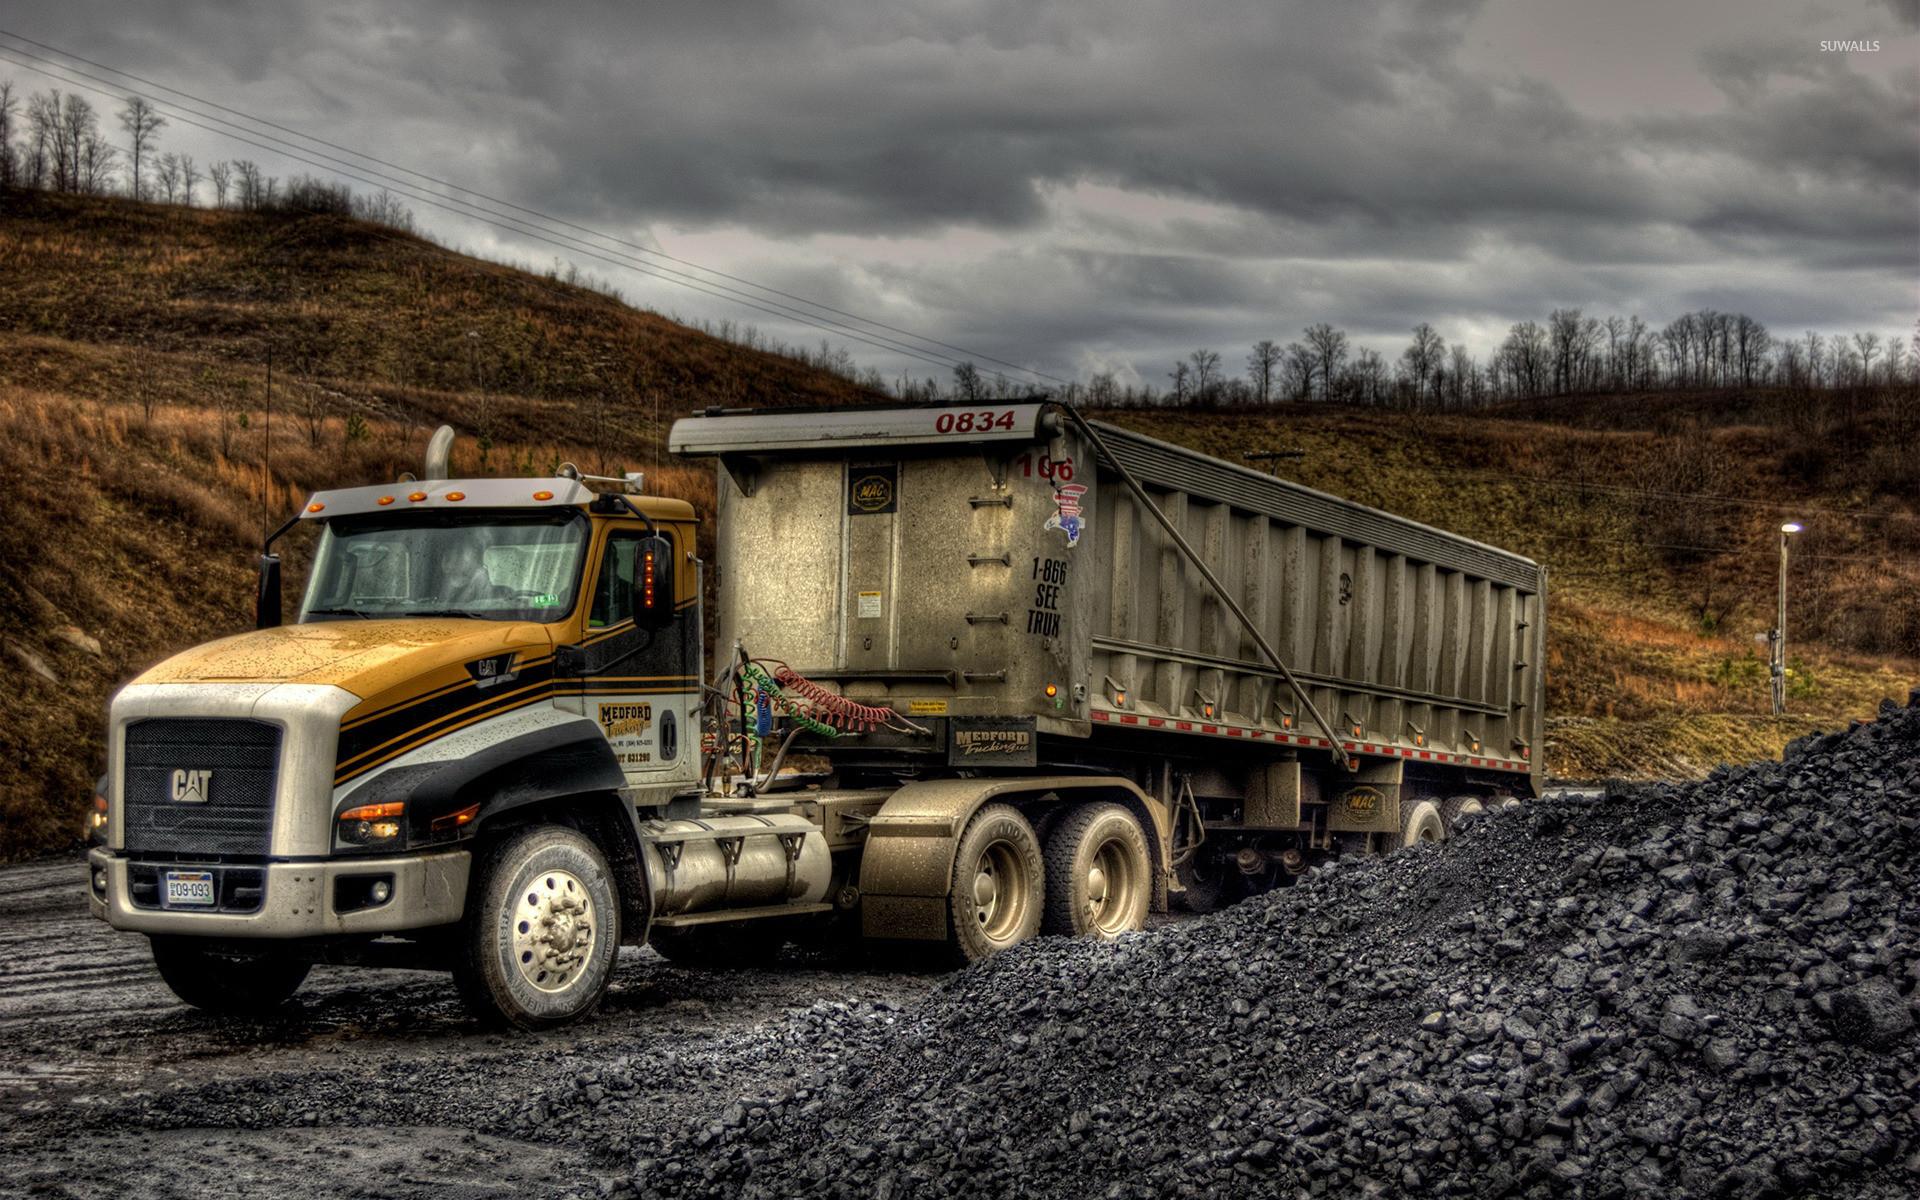 Caterpillar truck wallpaper – Photography wallpapers – #47927 ~ Truck  Wikipedia